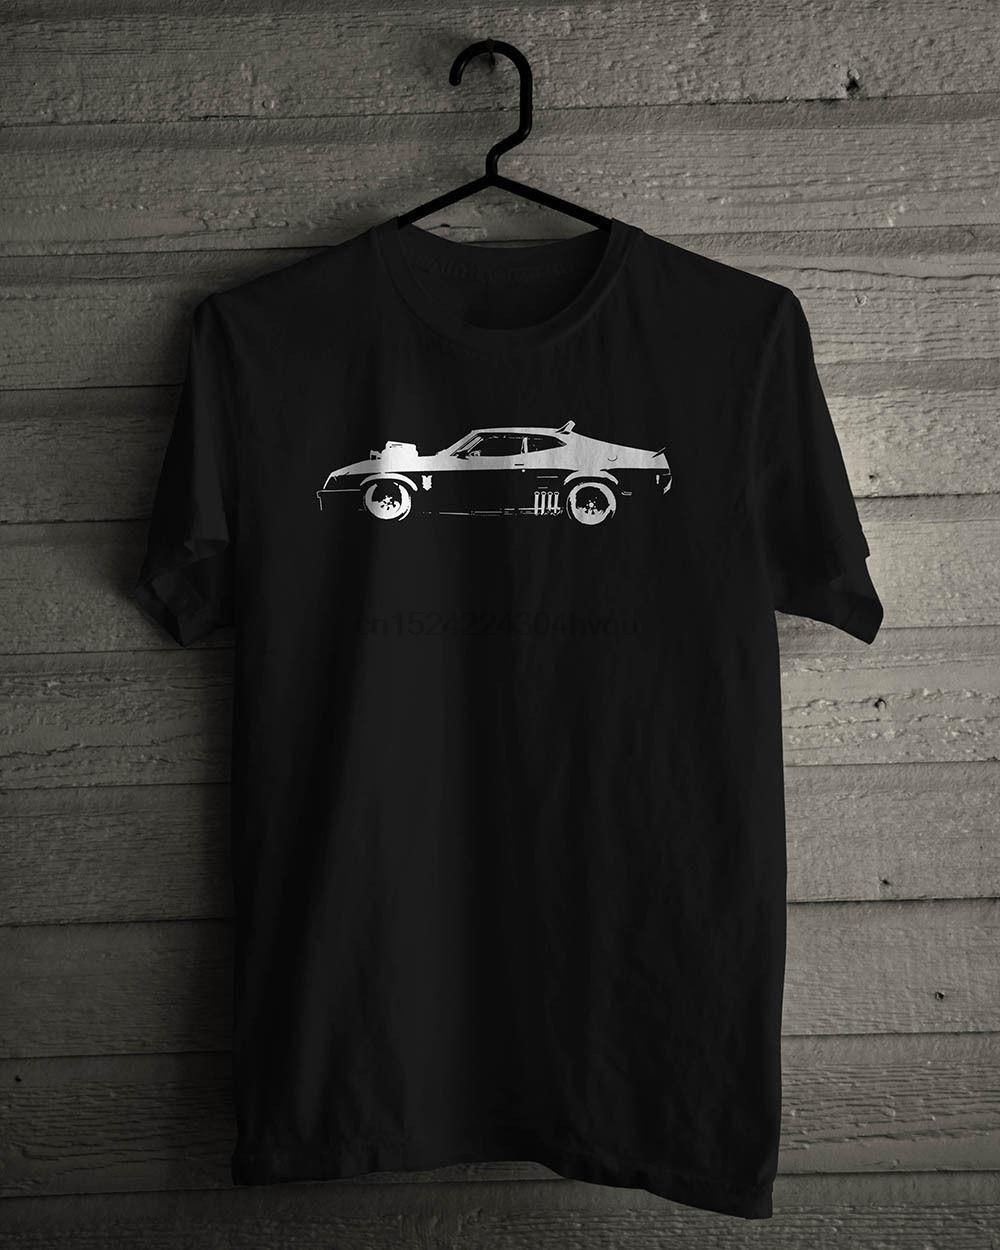 Nuovo Mad Max Interceptor Car Black T-shirt taglia S-5XL